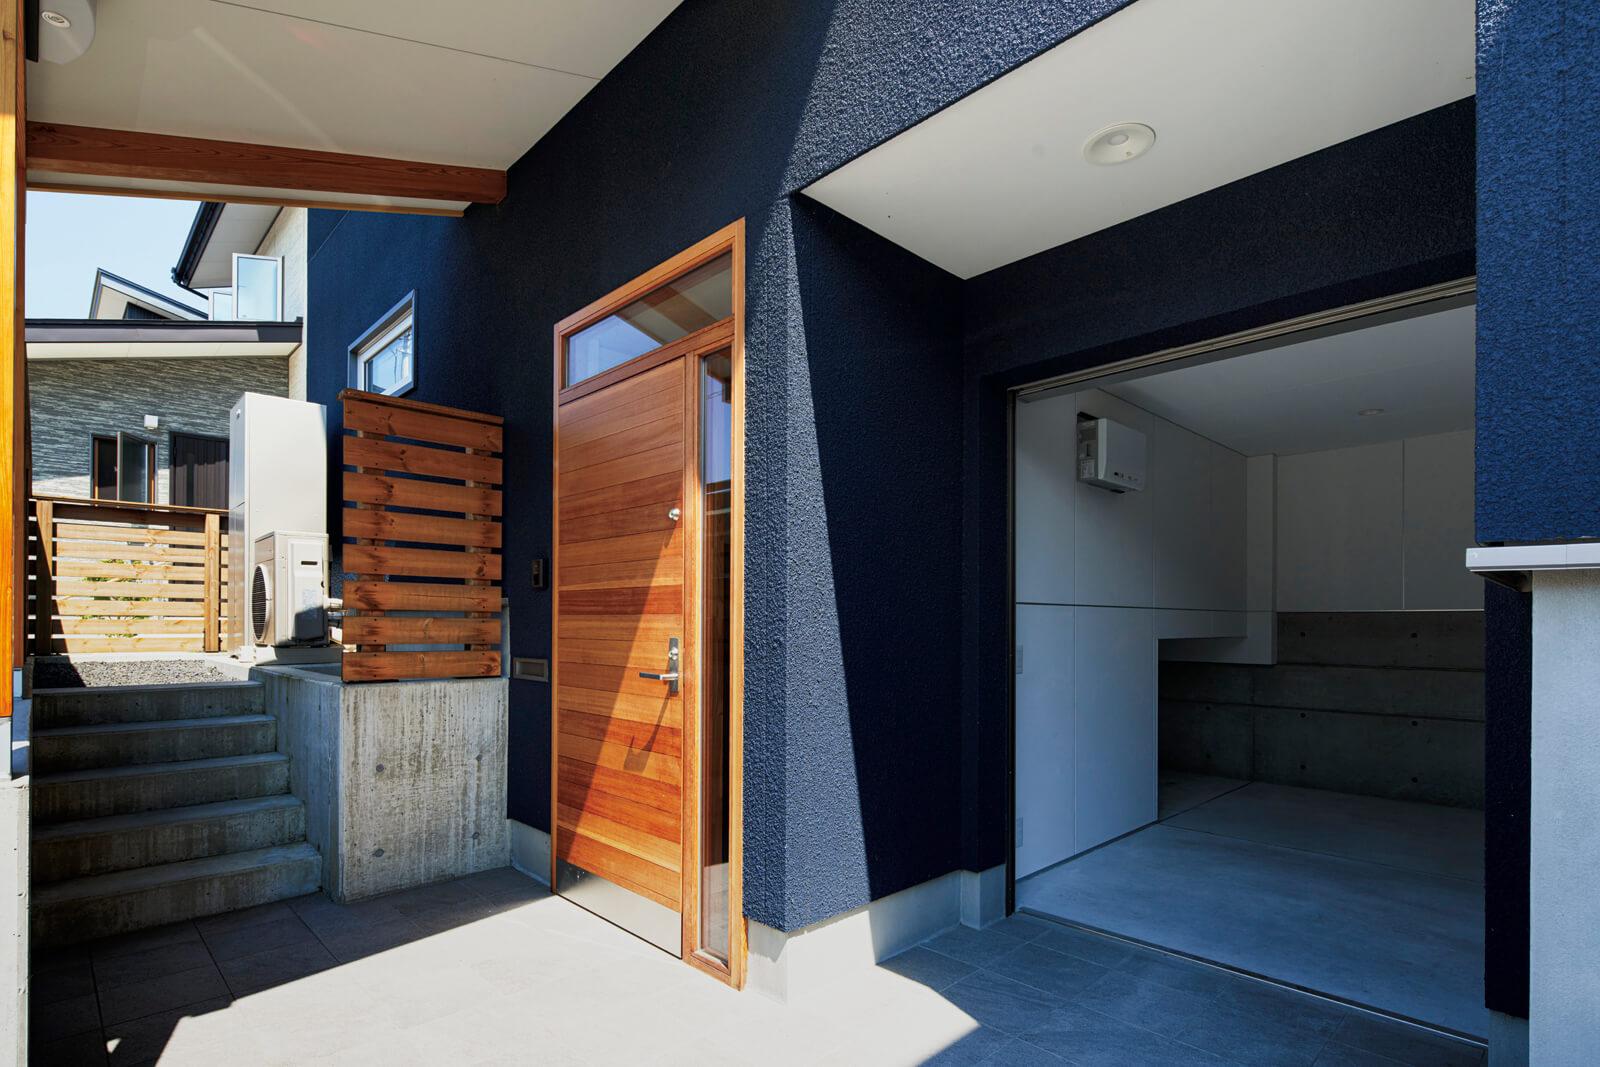 北欧の技術を取り入れた高性能の木製断熱玄関ドアを導入。玄関まわりの柱や梁はヒノキを採用している。駐車スペースと玄関や倉庫が同じレベルにあるため、重い荷物の運び入れもしやすい